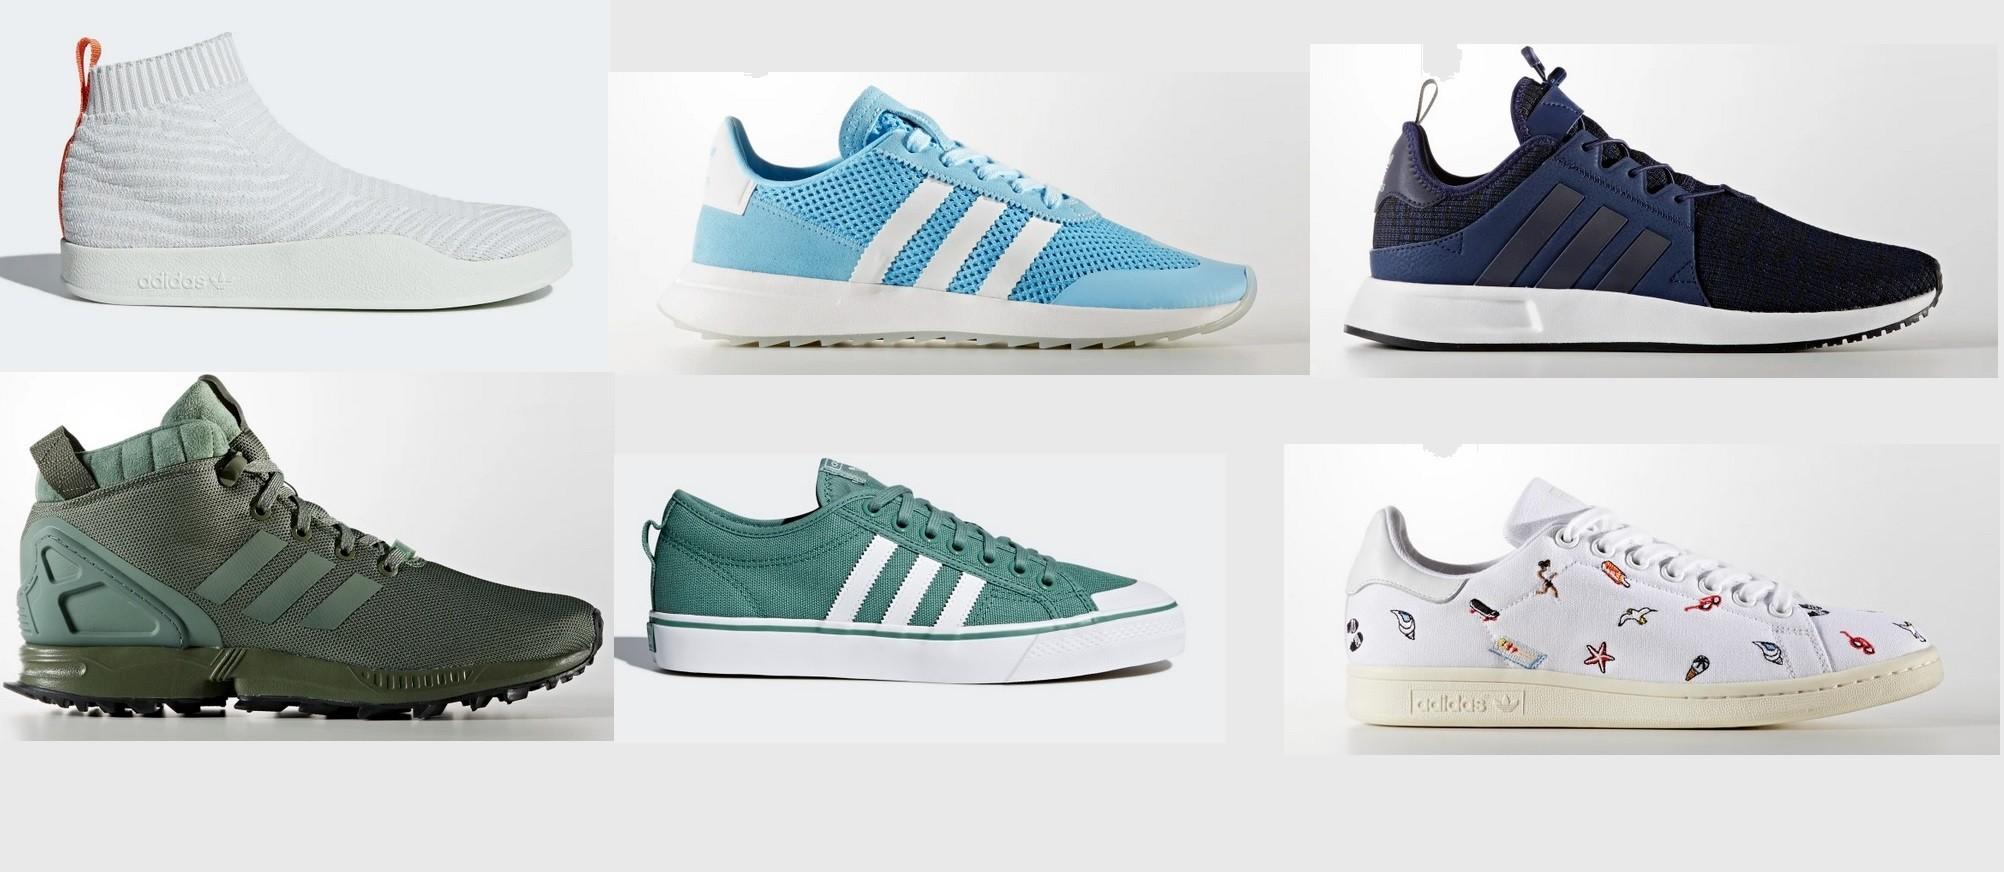 designer fashion 8ebe2 c27ba Cupón de descuento del 30% extra en zapatillas ya rebajadas hasta un 50% en  la web oficial de Adidas